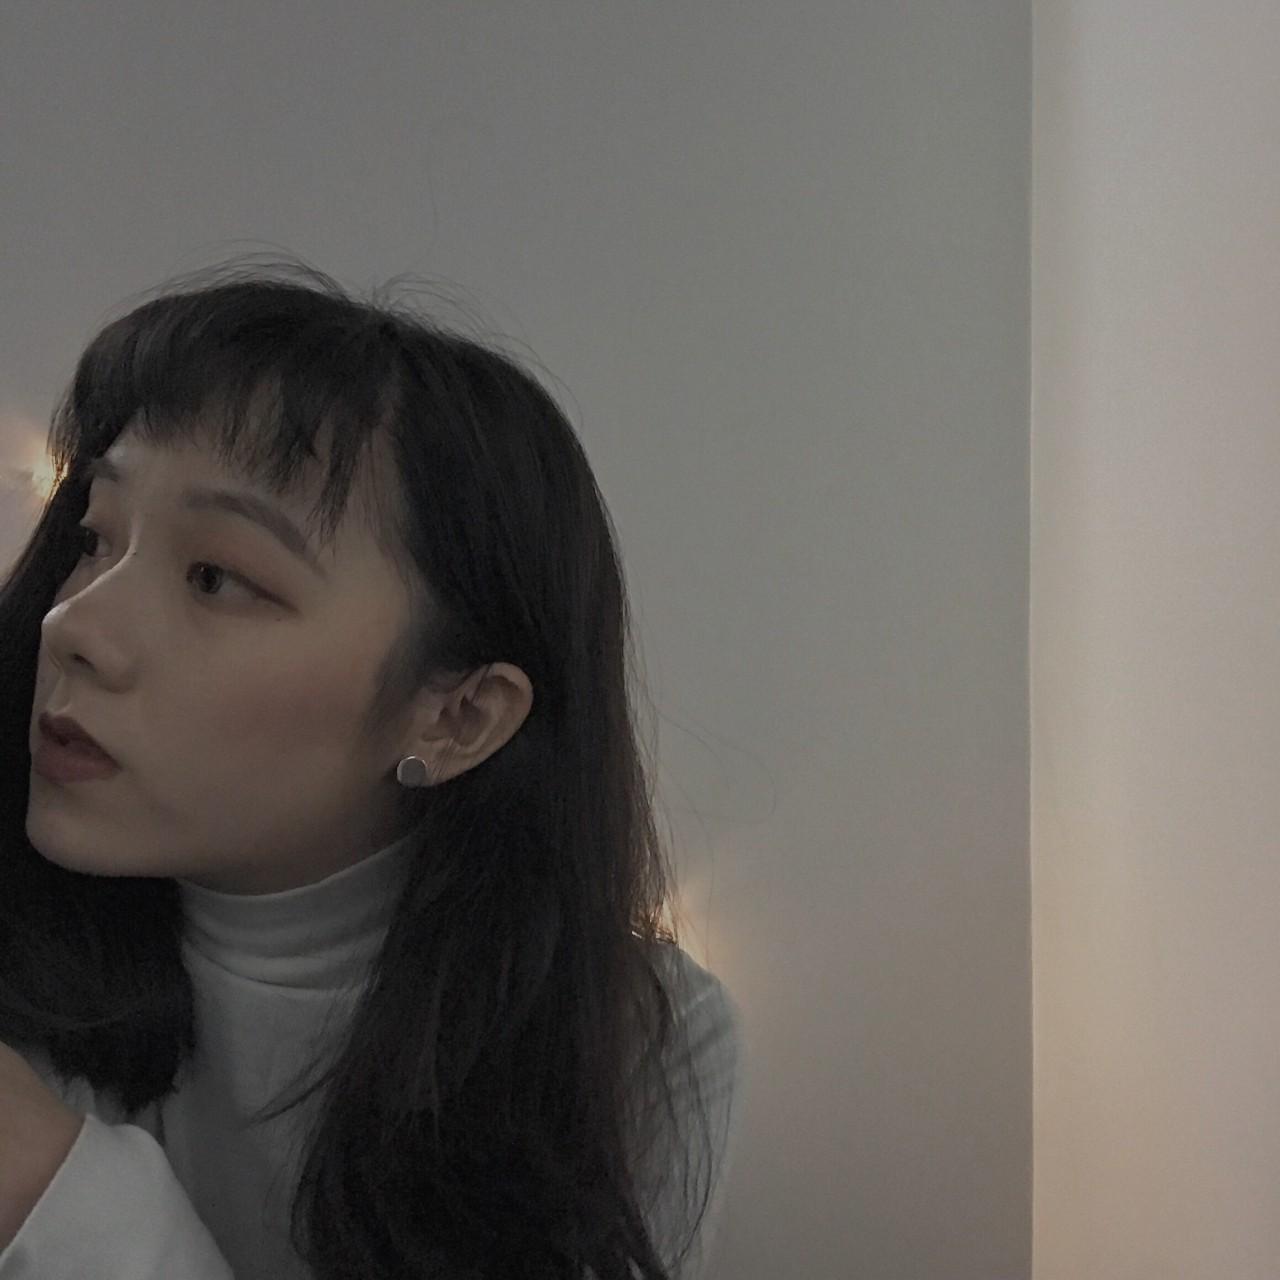 她是小编看到现在为止,拥有二次元刘海还能同时 hold 住欧美街头风的图片